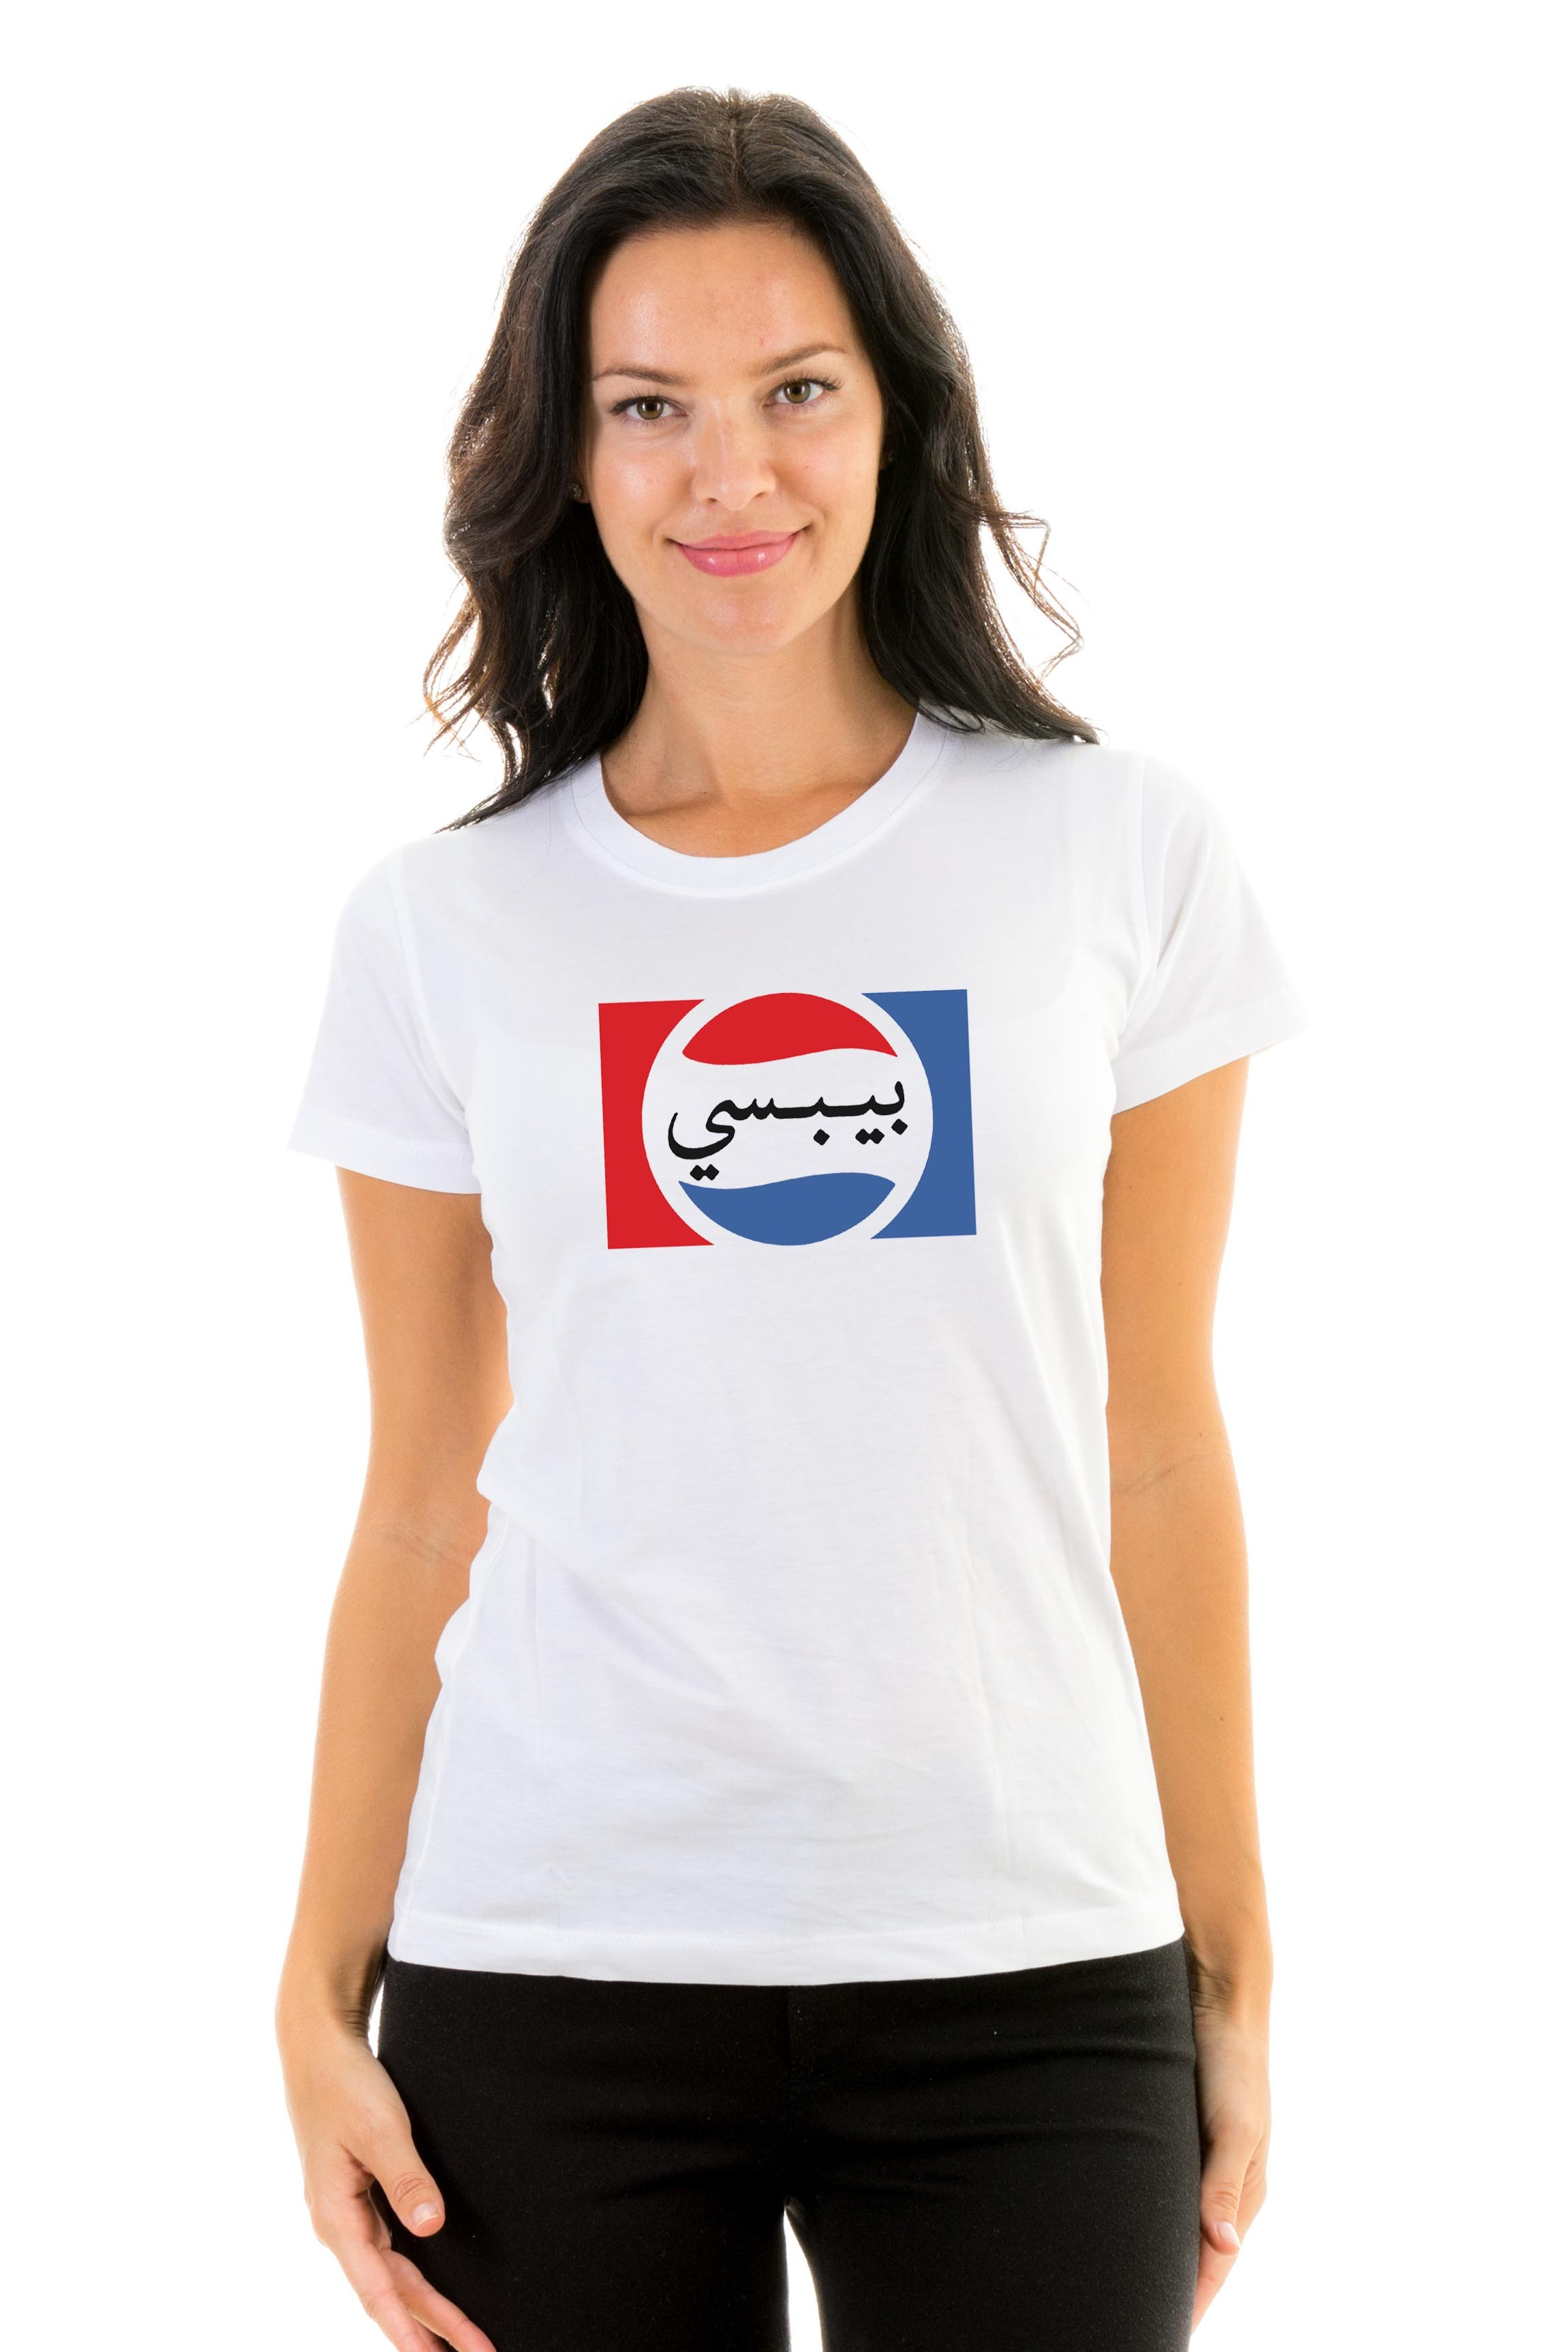 35e5df9e0614 T-shirt Arabic Pepsi - New designs - Designs